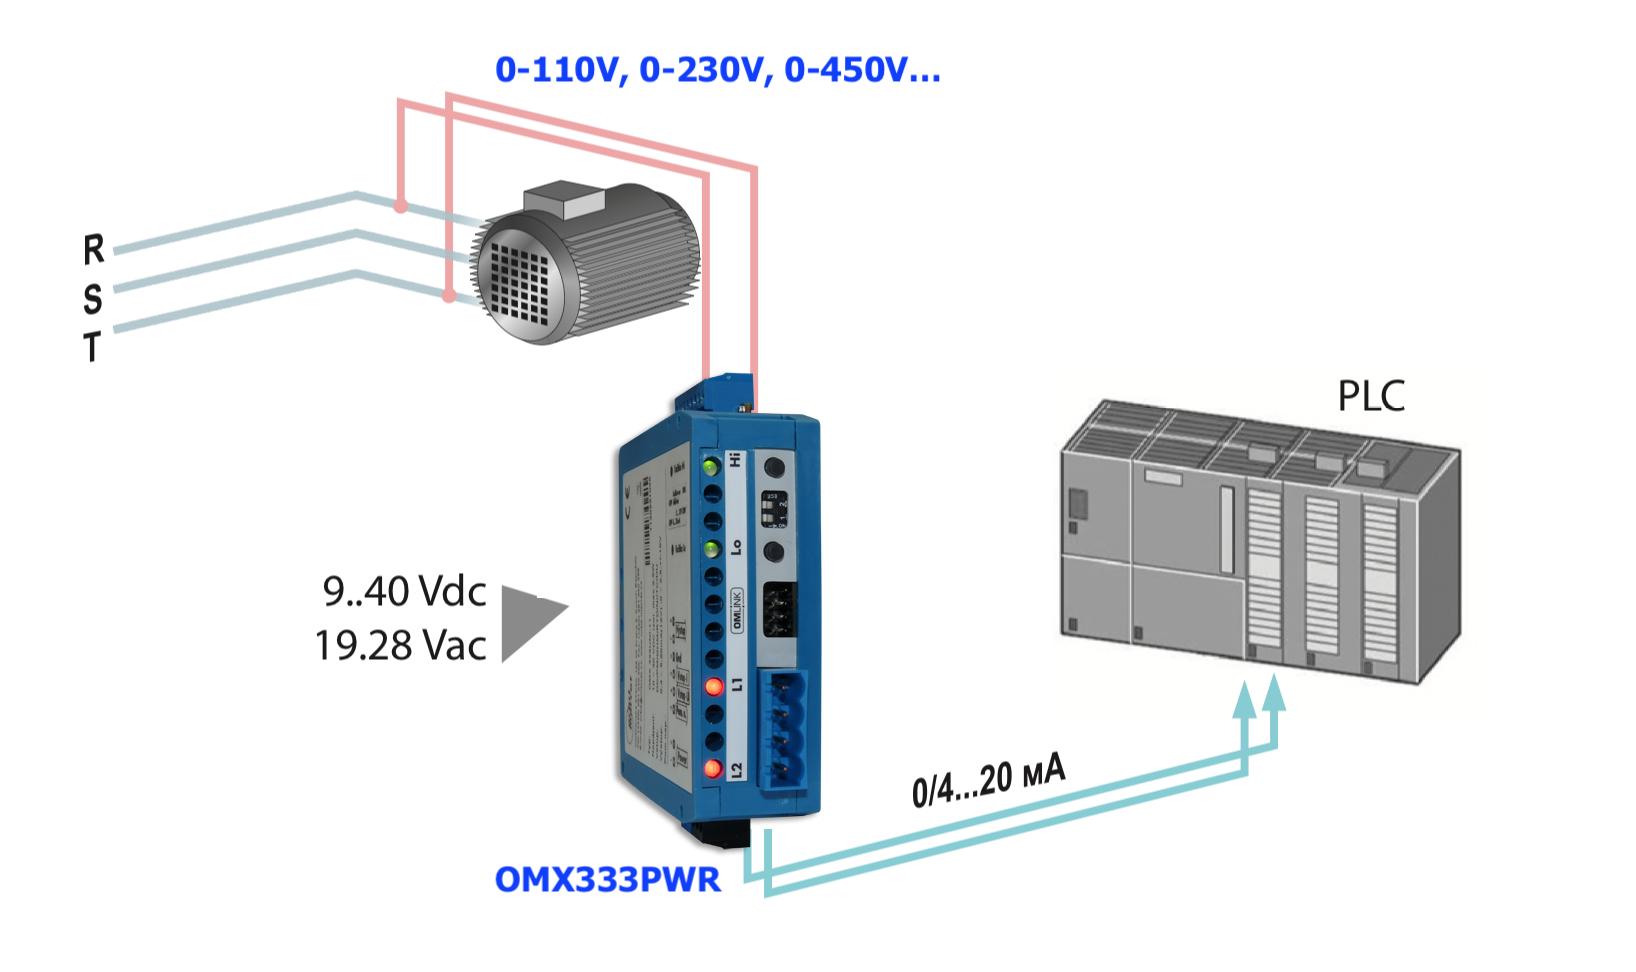 Ứng dụng bộ chuyển áp sang dòng 4-20mA